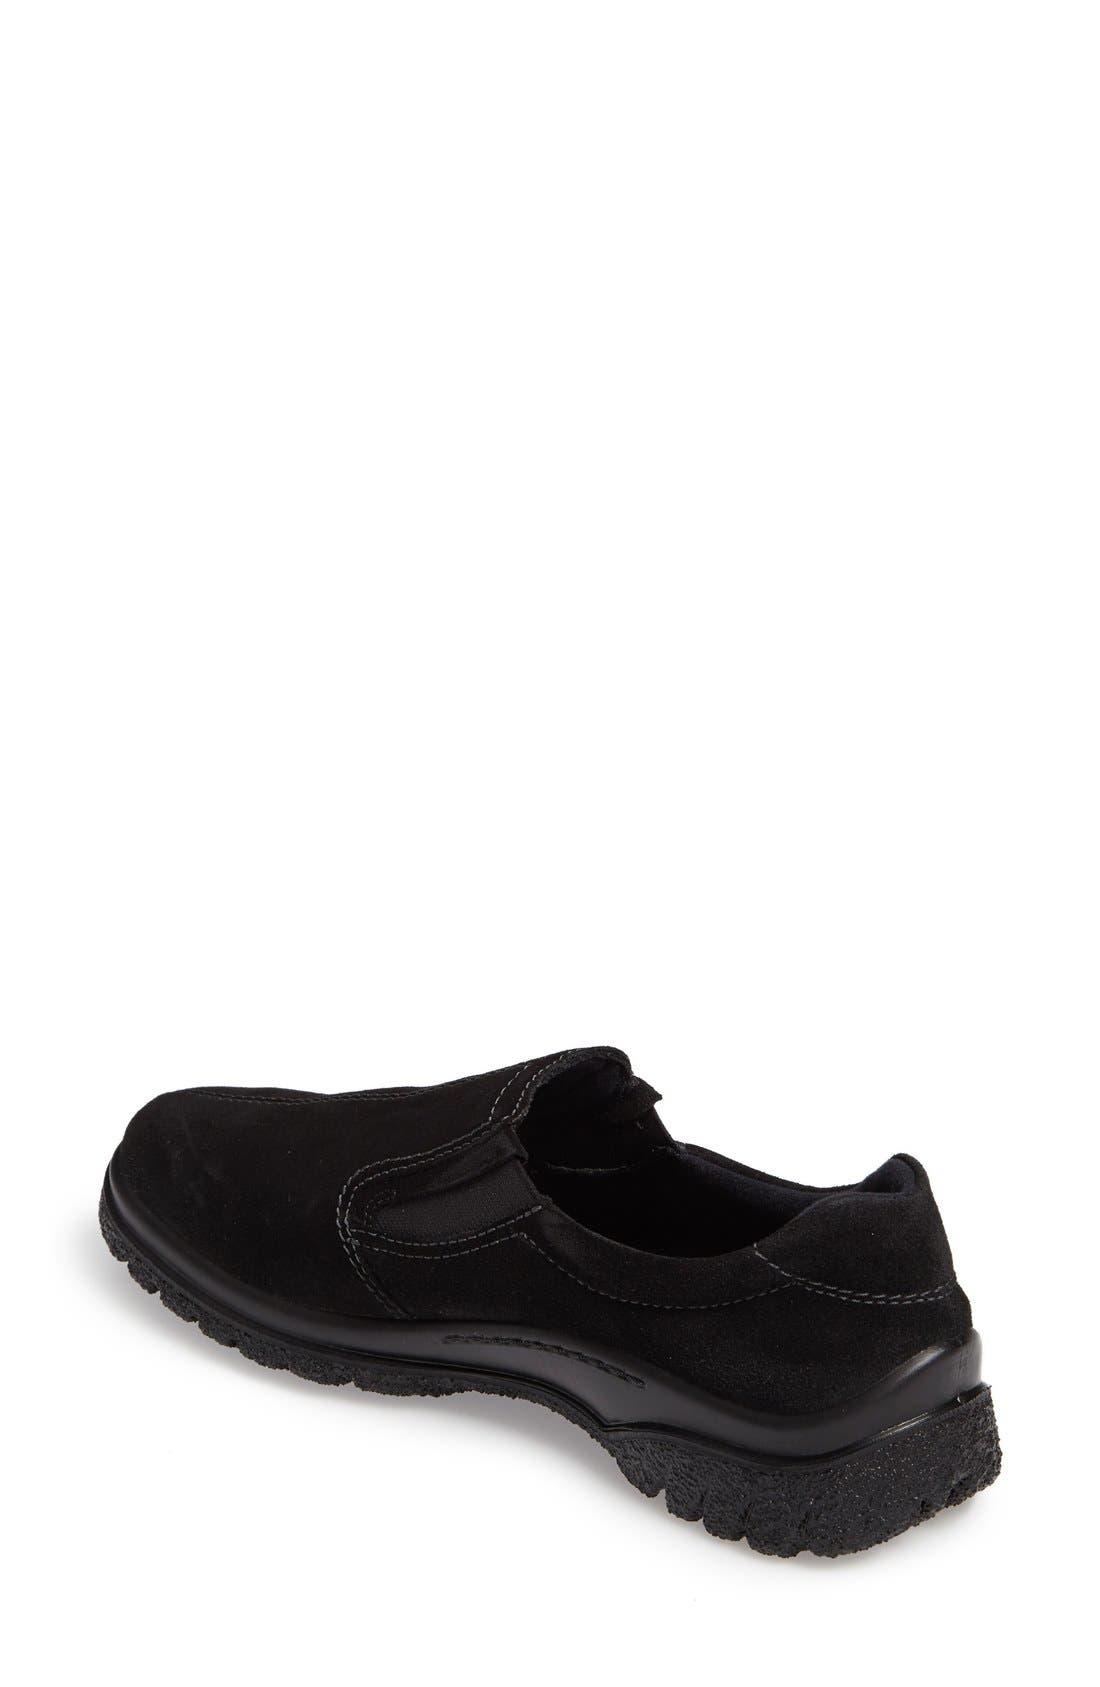 Parson Waterproof Gore-Tex<sup>®</sup> Slip-On Sneaker,                             Alternate thumbnail 2, color,                             Black Suede